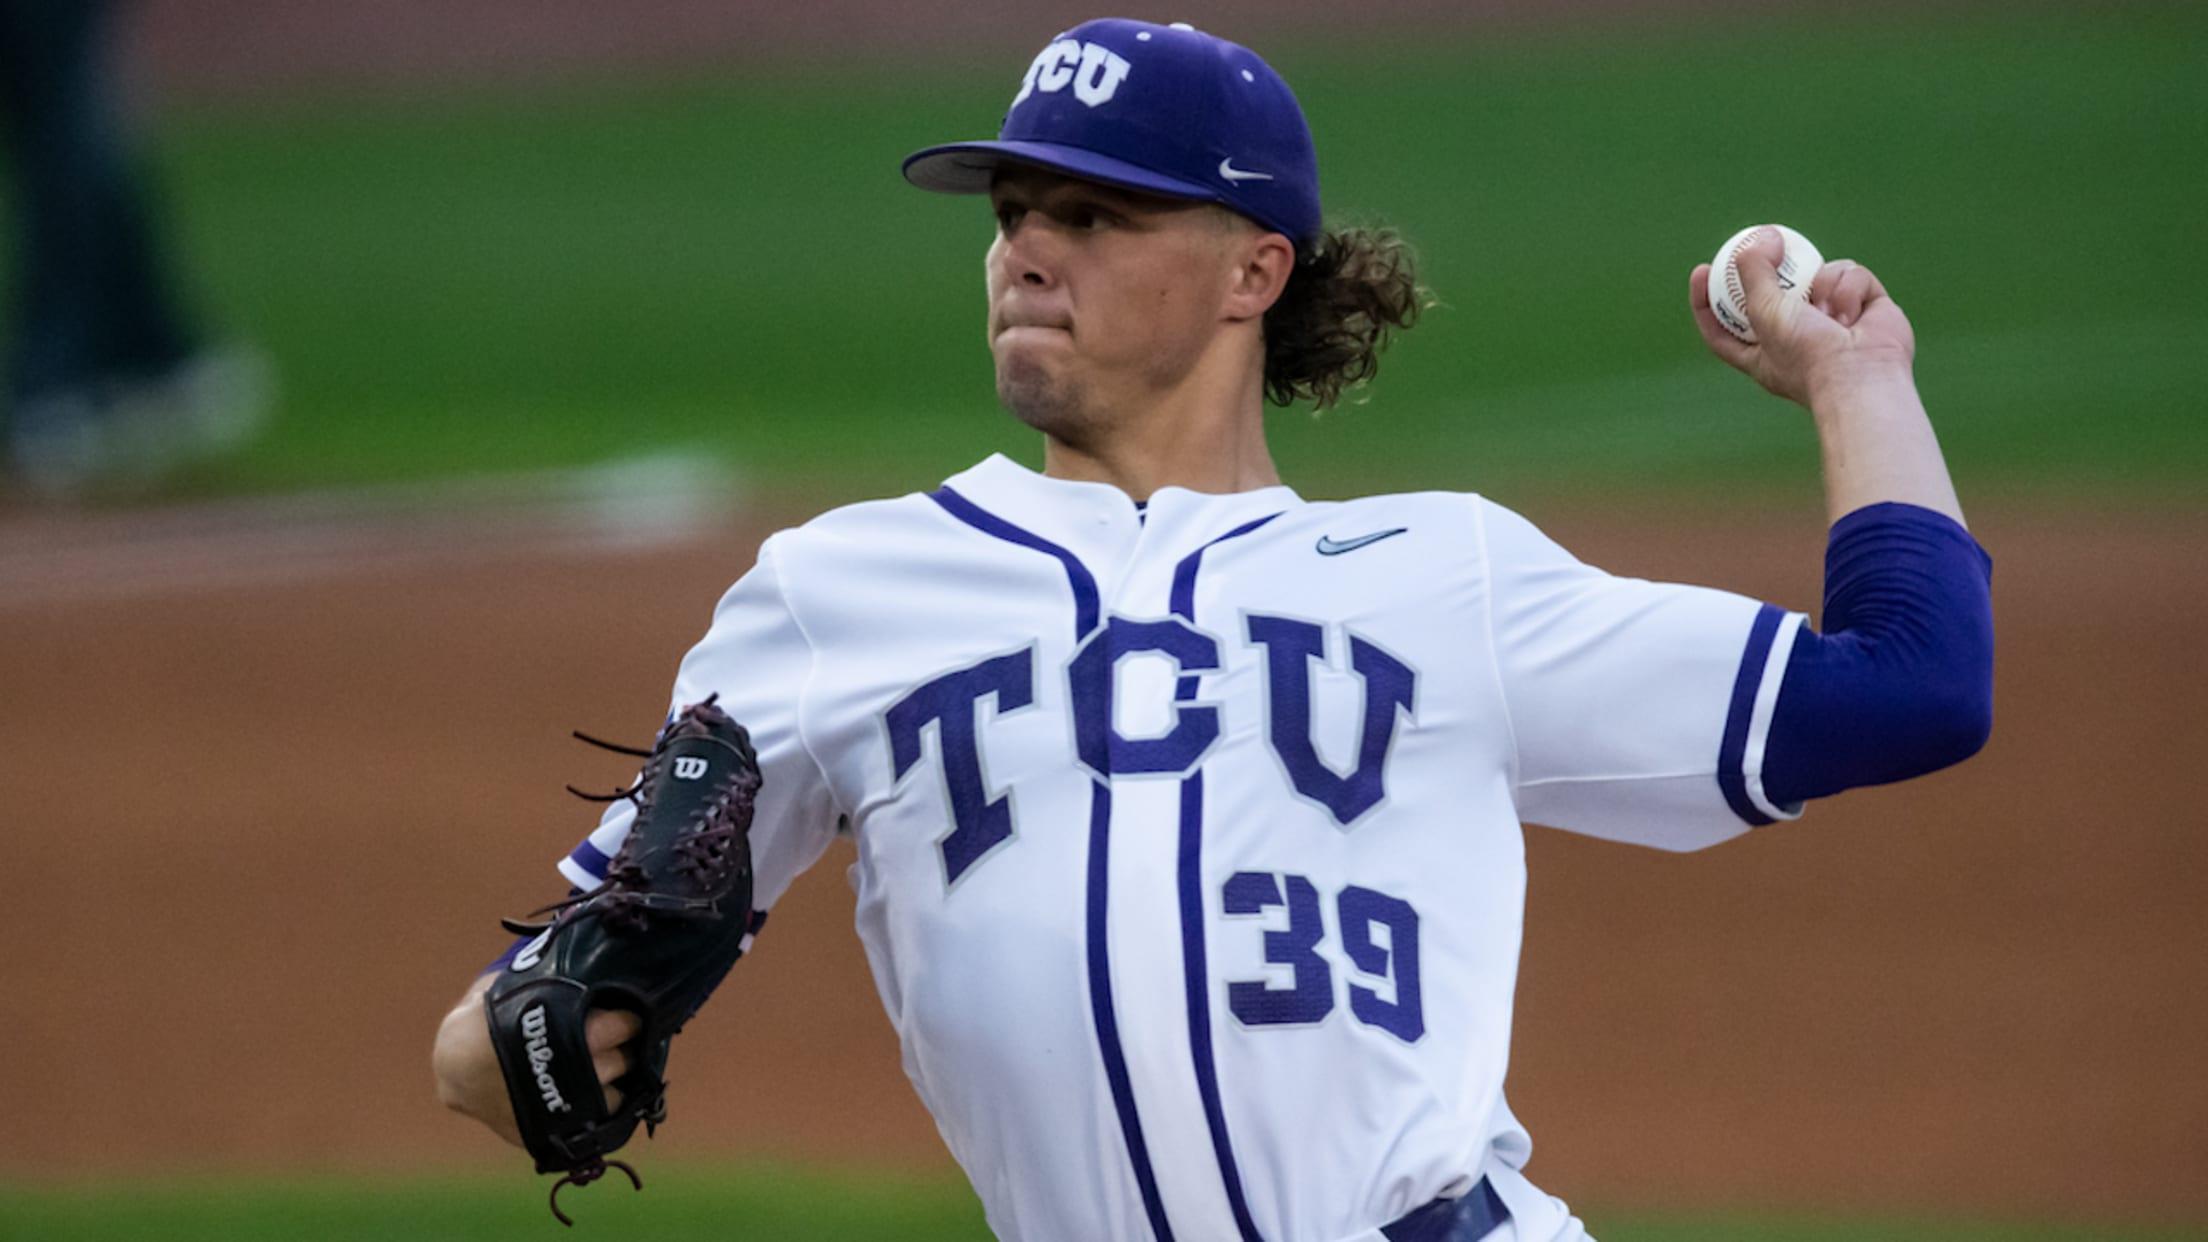 2021 Draft: Austin Krob, LHP